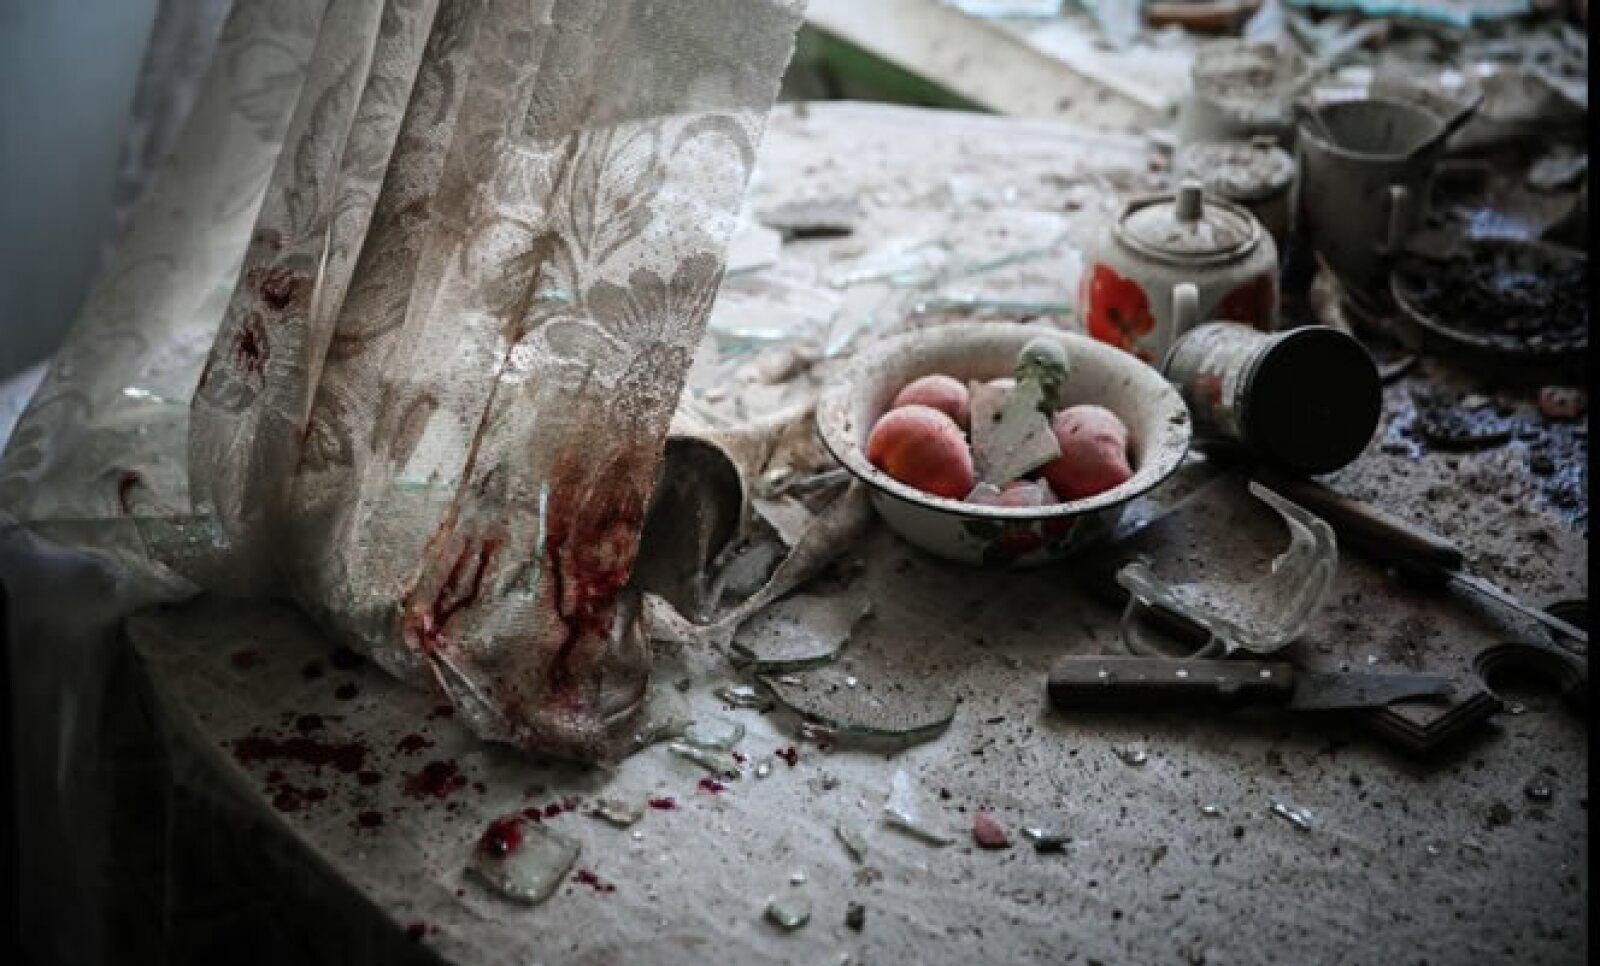 Alimentos y objetos dañados en una cocina en el centro de Donetsk, durante el conflicto en el este de Ucrania, obtuvo el primer lugar en la categoría de Noticias Generales. Autor: Sergei Ilnitsky.